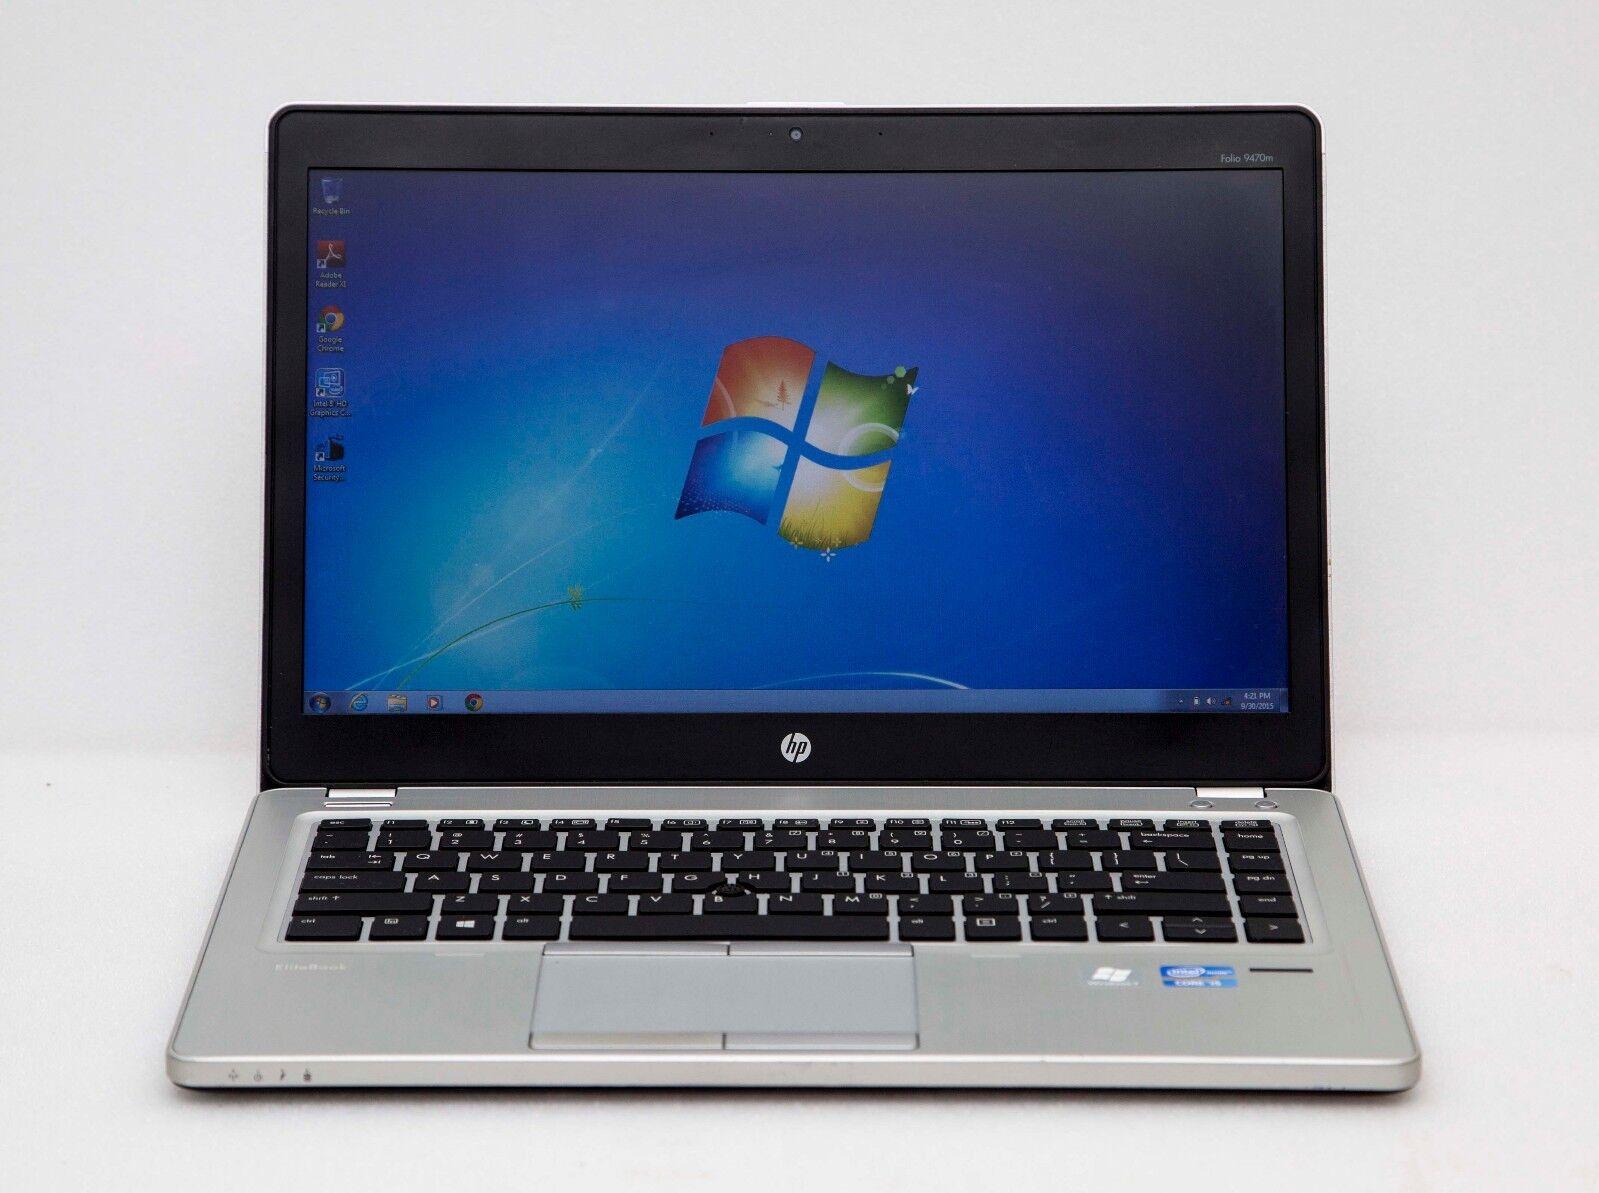 """HP Ultrabook 9470m 14"""" Core i5-3427u 1.8/8/180GB SSD Win 7 Webcam Laptop"""